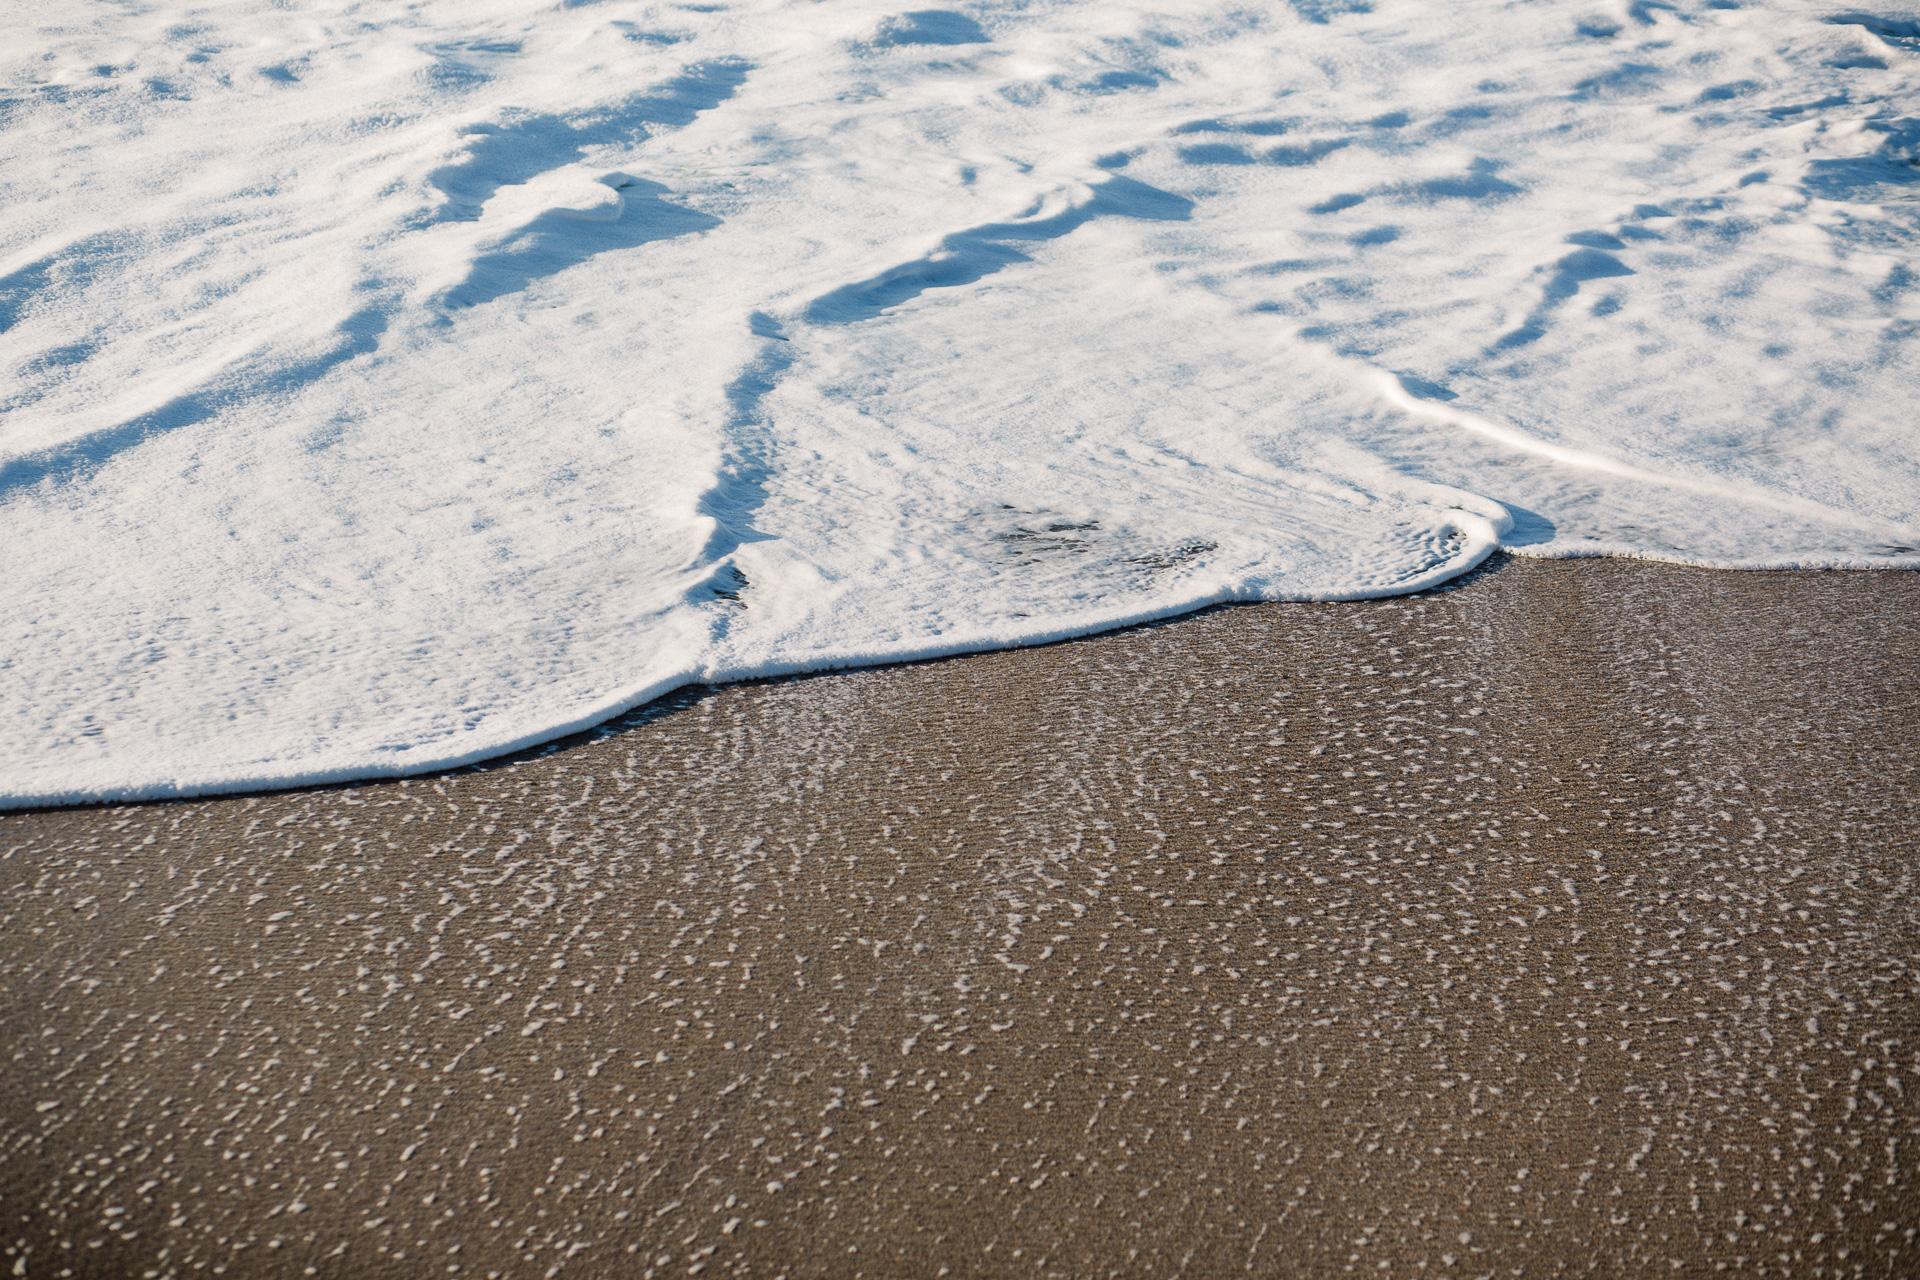 Damien-Dohmen-photographe-Ocean-33